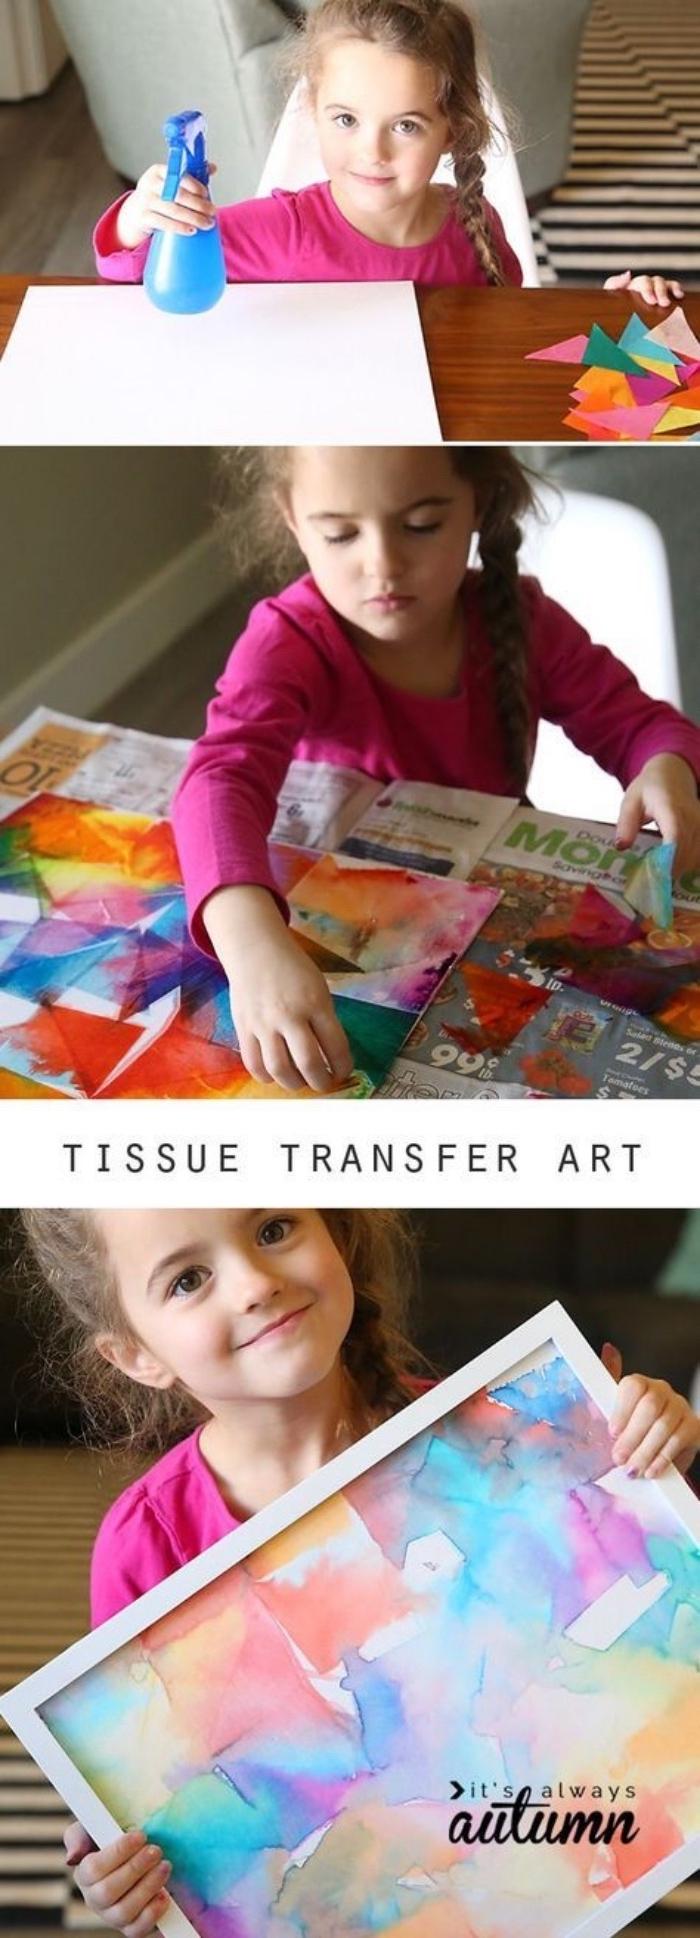 Basteln für Kinder Ideen zum Nachmachen, ein kleines Mädchen malt sein erstes Meisterwerk, Bild mit Wasserfarbe